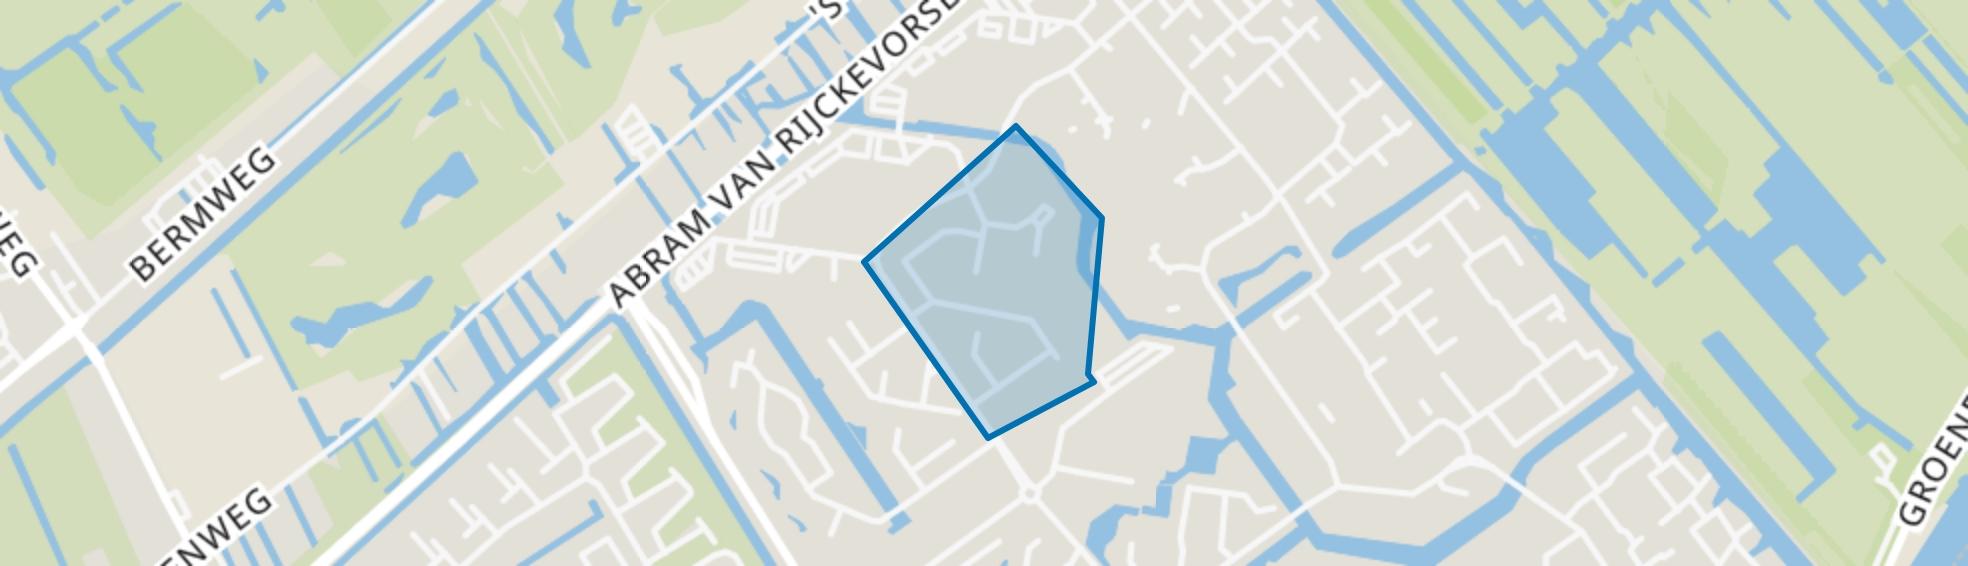 Amerikaansebuurt, Capelle aan den IJssel map